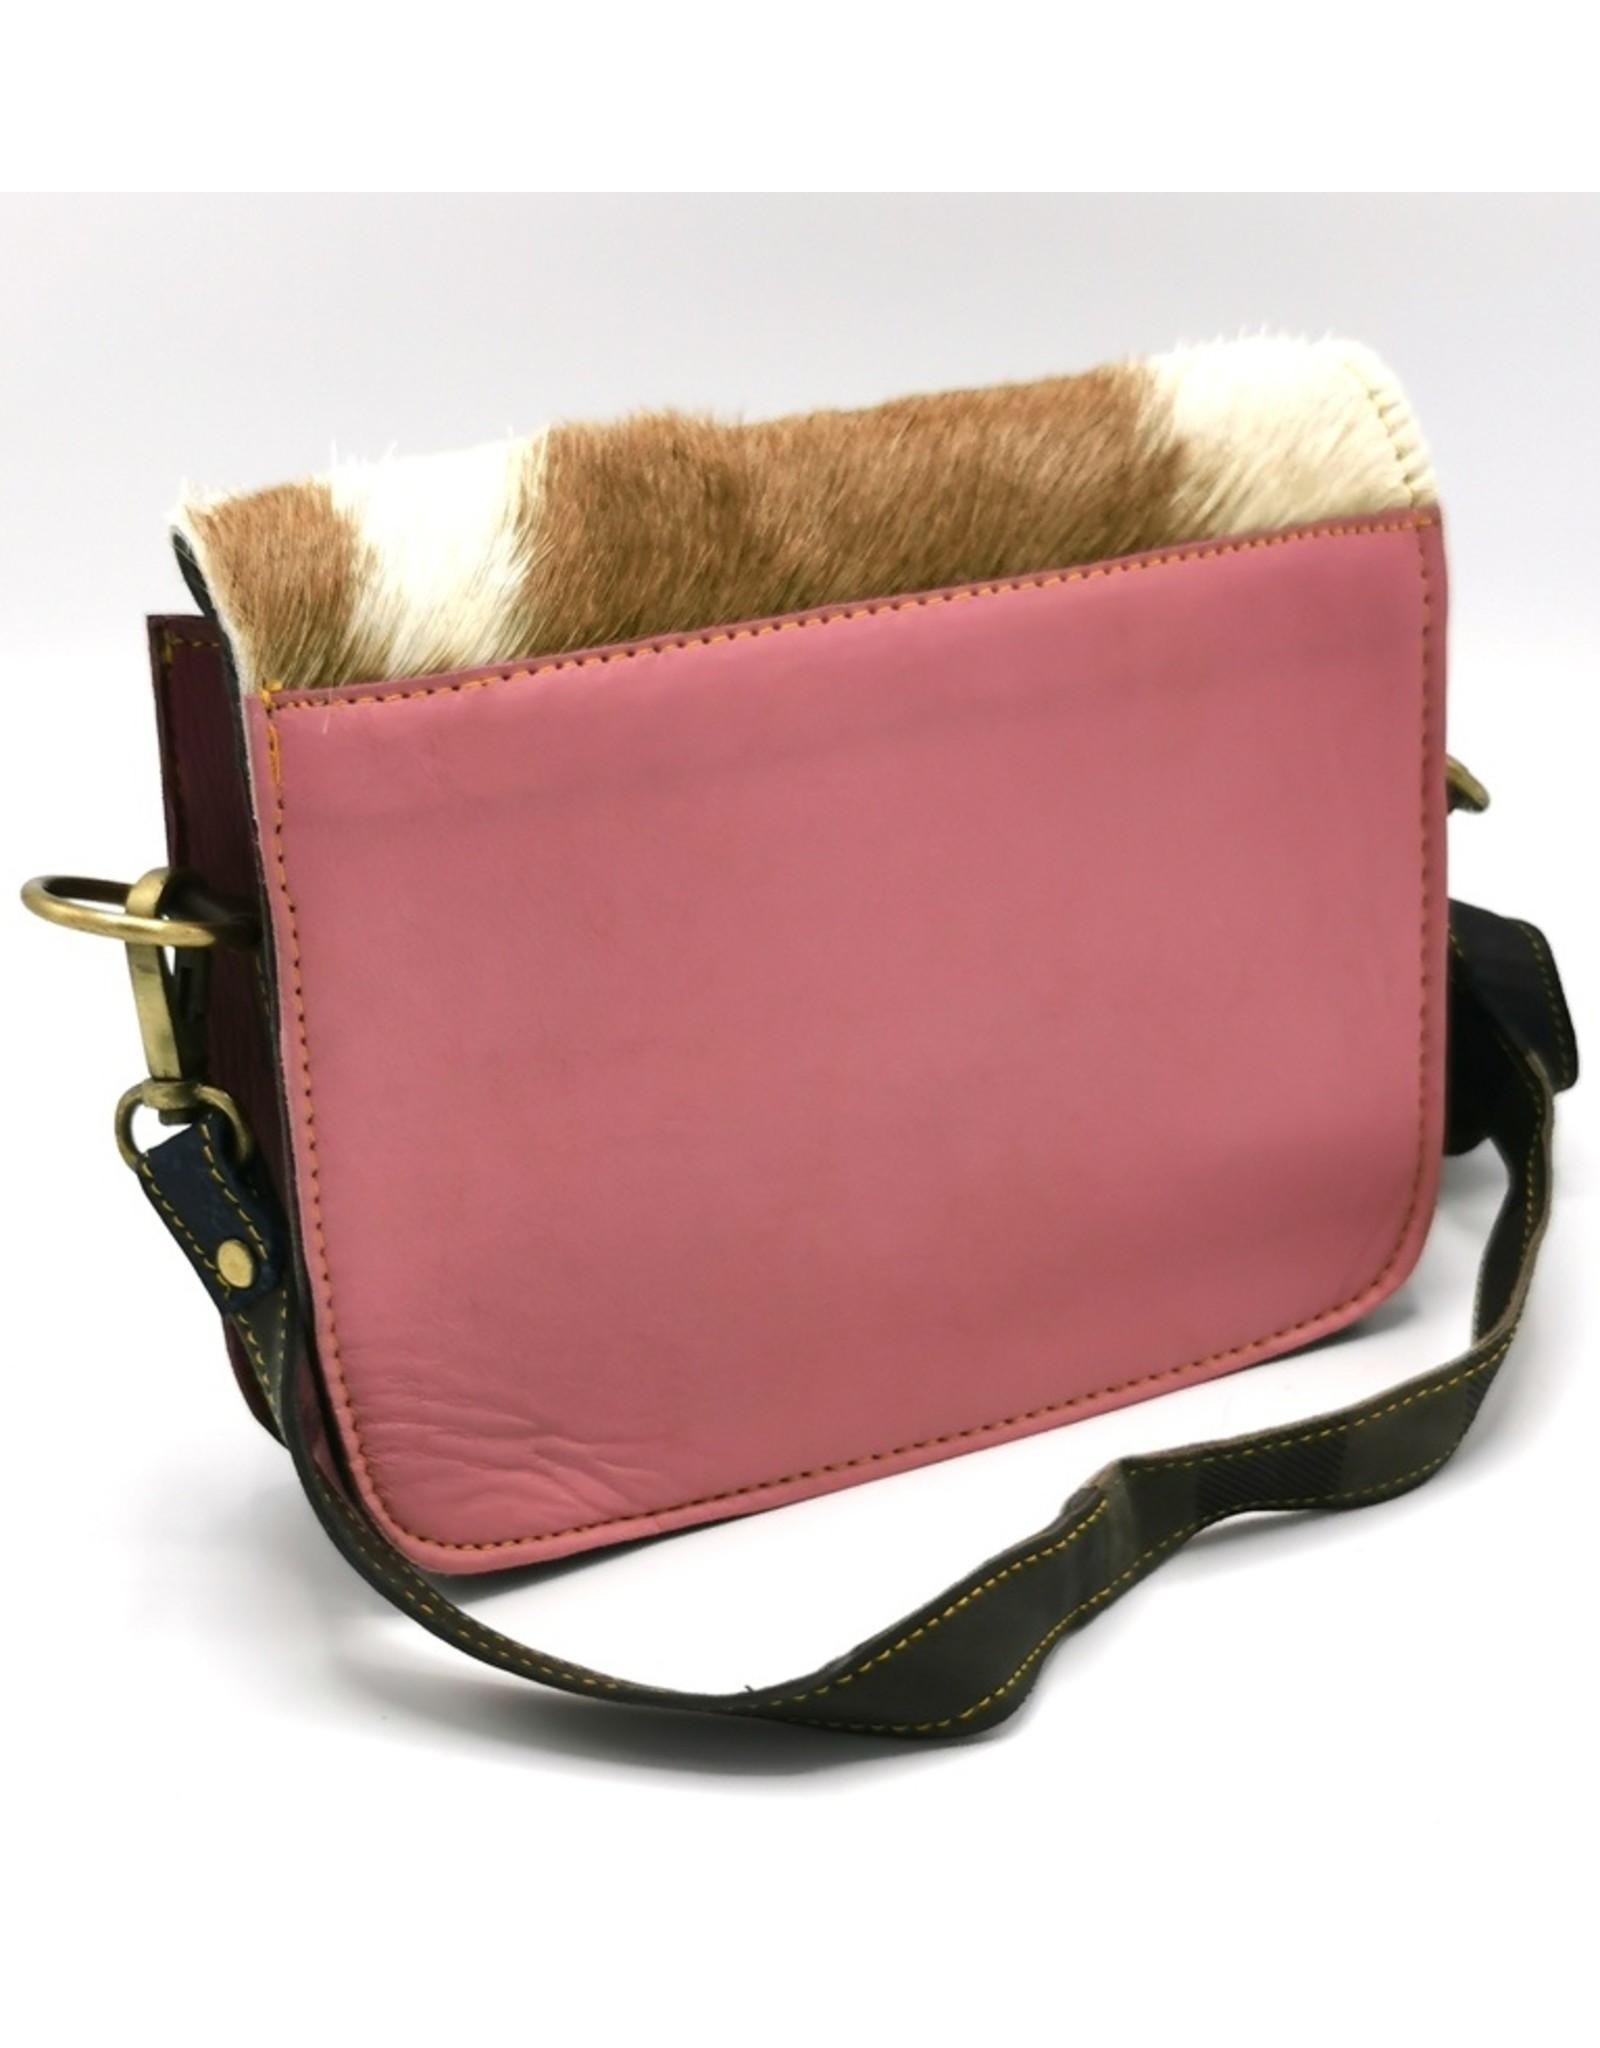 leren schoudertas van gekleurd leer met omslag van koeienhuid Leather Shoulder bags  Leather crossbody bags - Coloured leather shoulder bag with cowhide cover